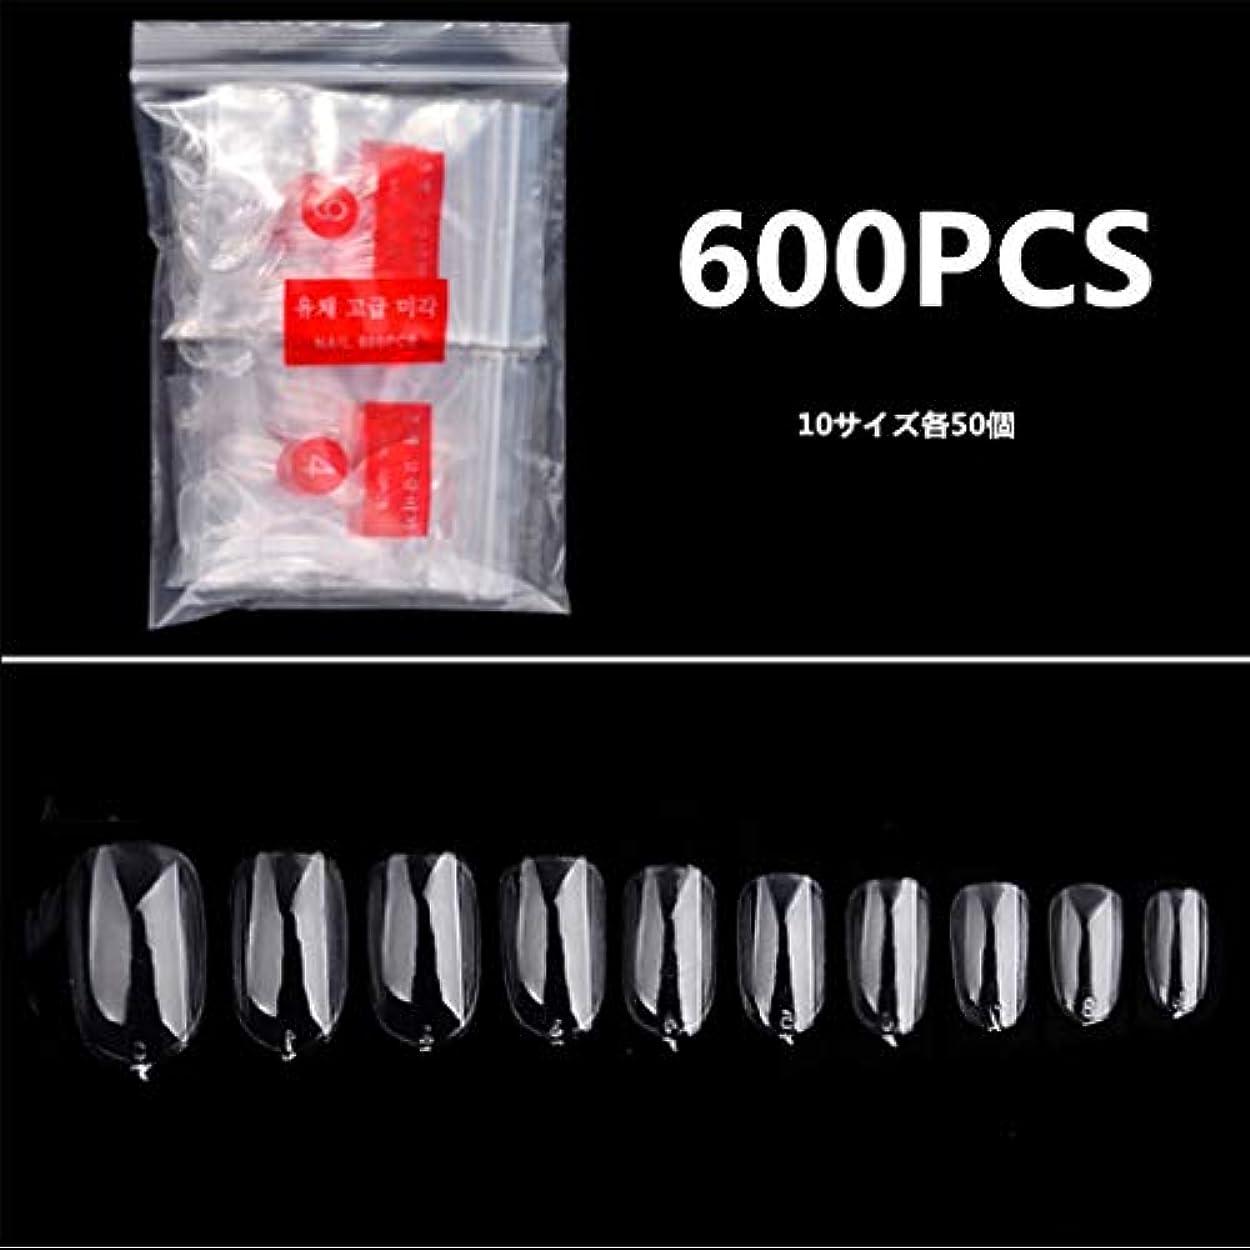 マージン立証するなぜならIHOLLY 透明ネイルチップ 600枚入り 10種のサイズ ネイル用品 ネイル飾り デコレーション 無地 付け爪 オーバルフルカバー 透明 DIYネイル